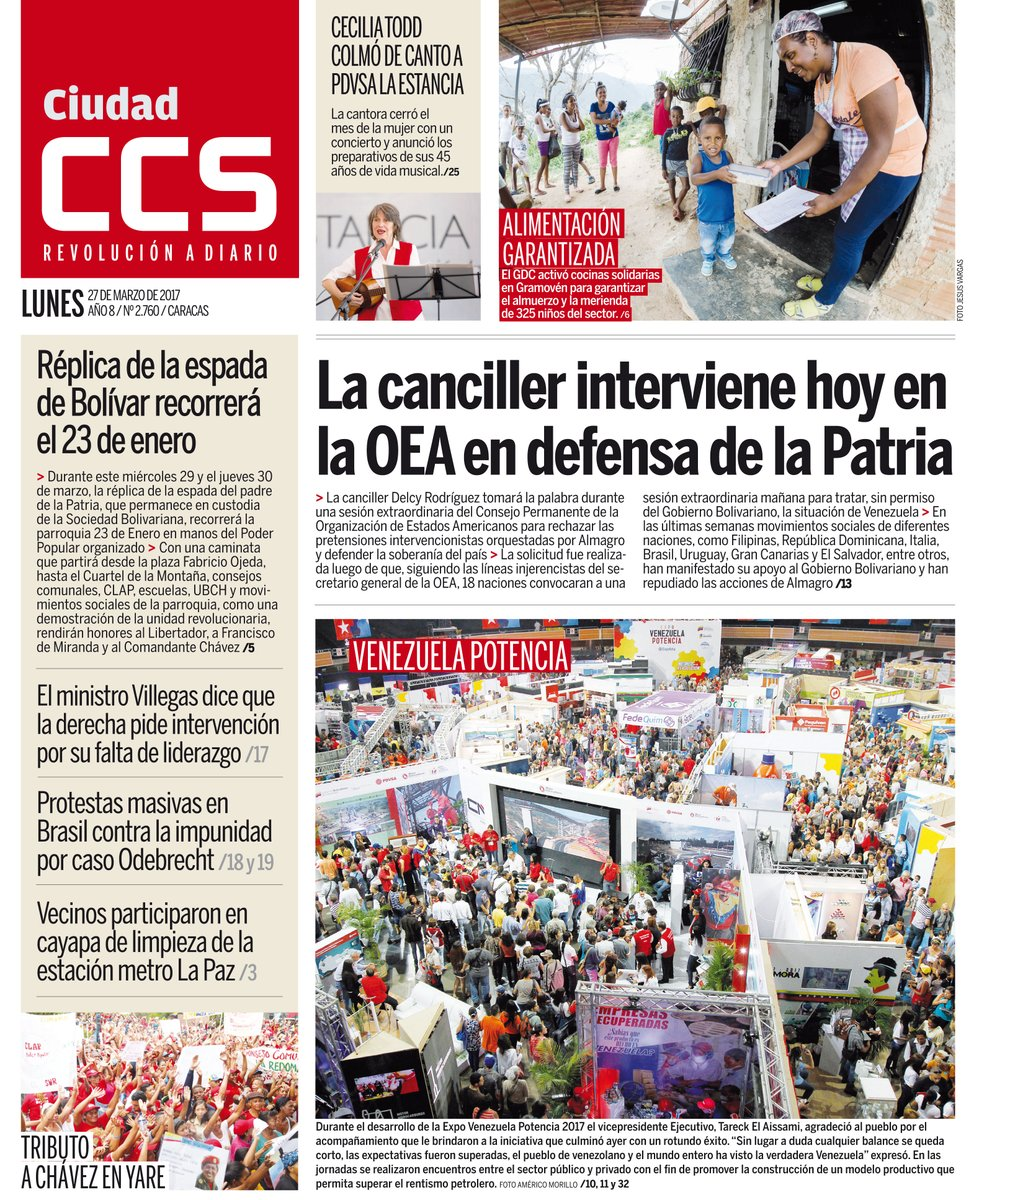 PRENSA 🗞 || Así amanecen las primeras planas de los diarios regionales...